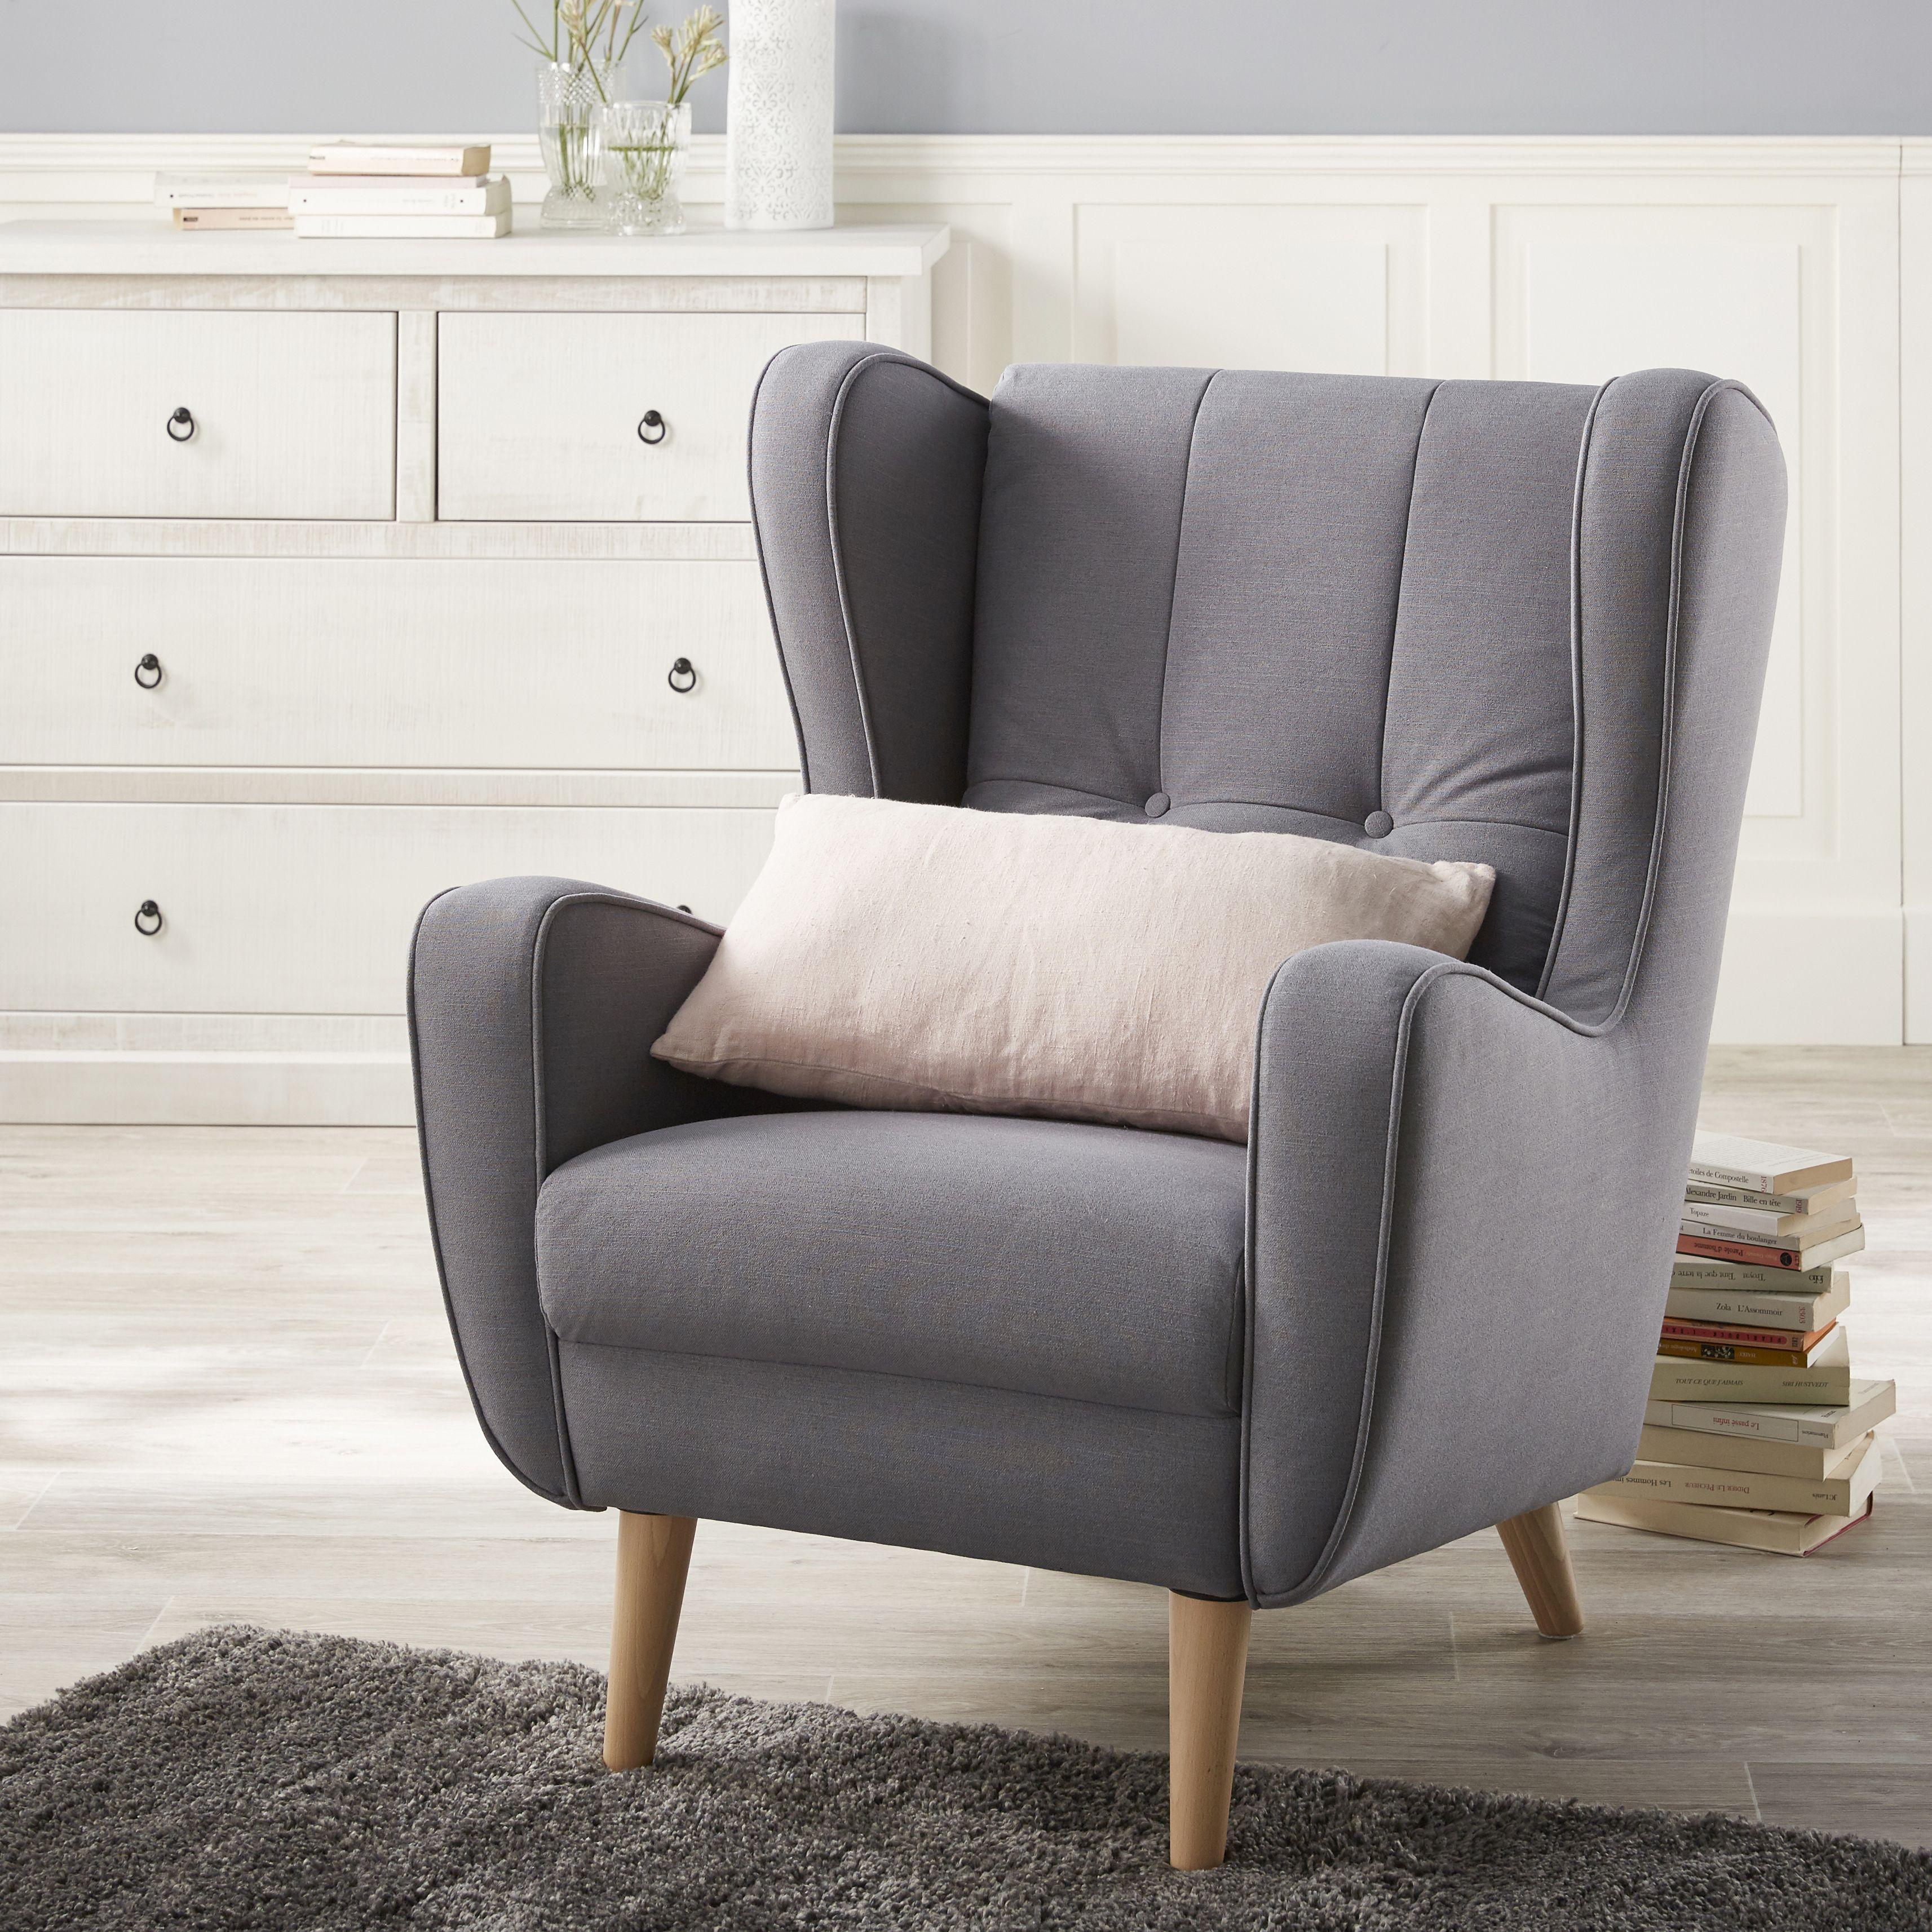 Épinglé par il benatallah sur fauteuil confortable avec